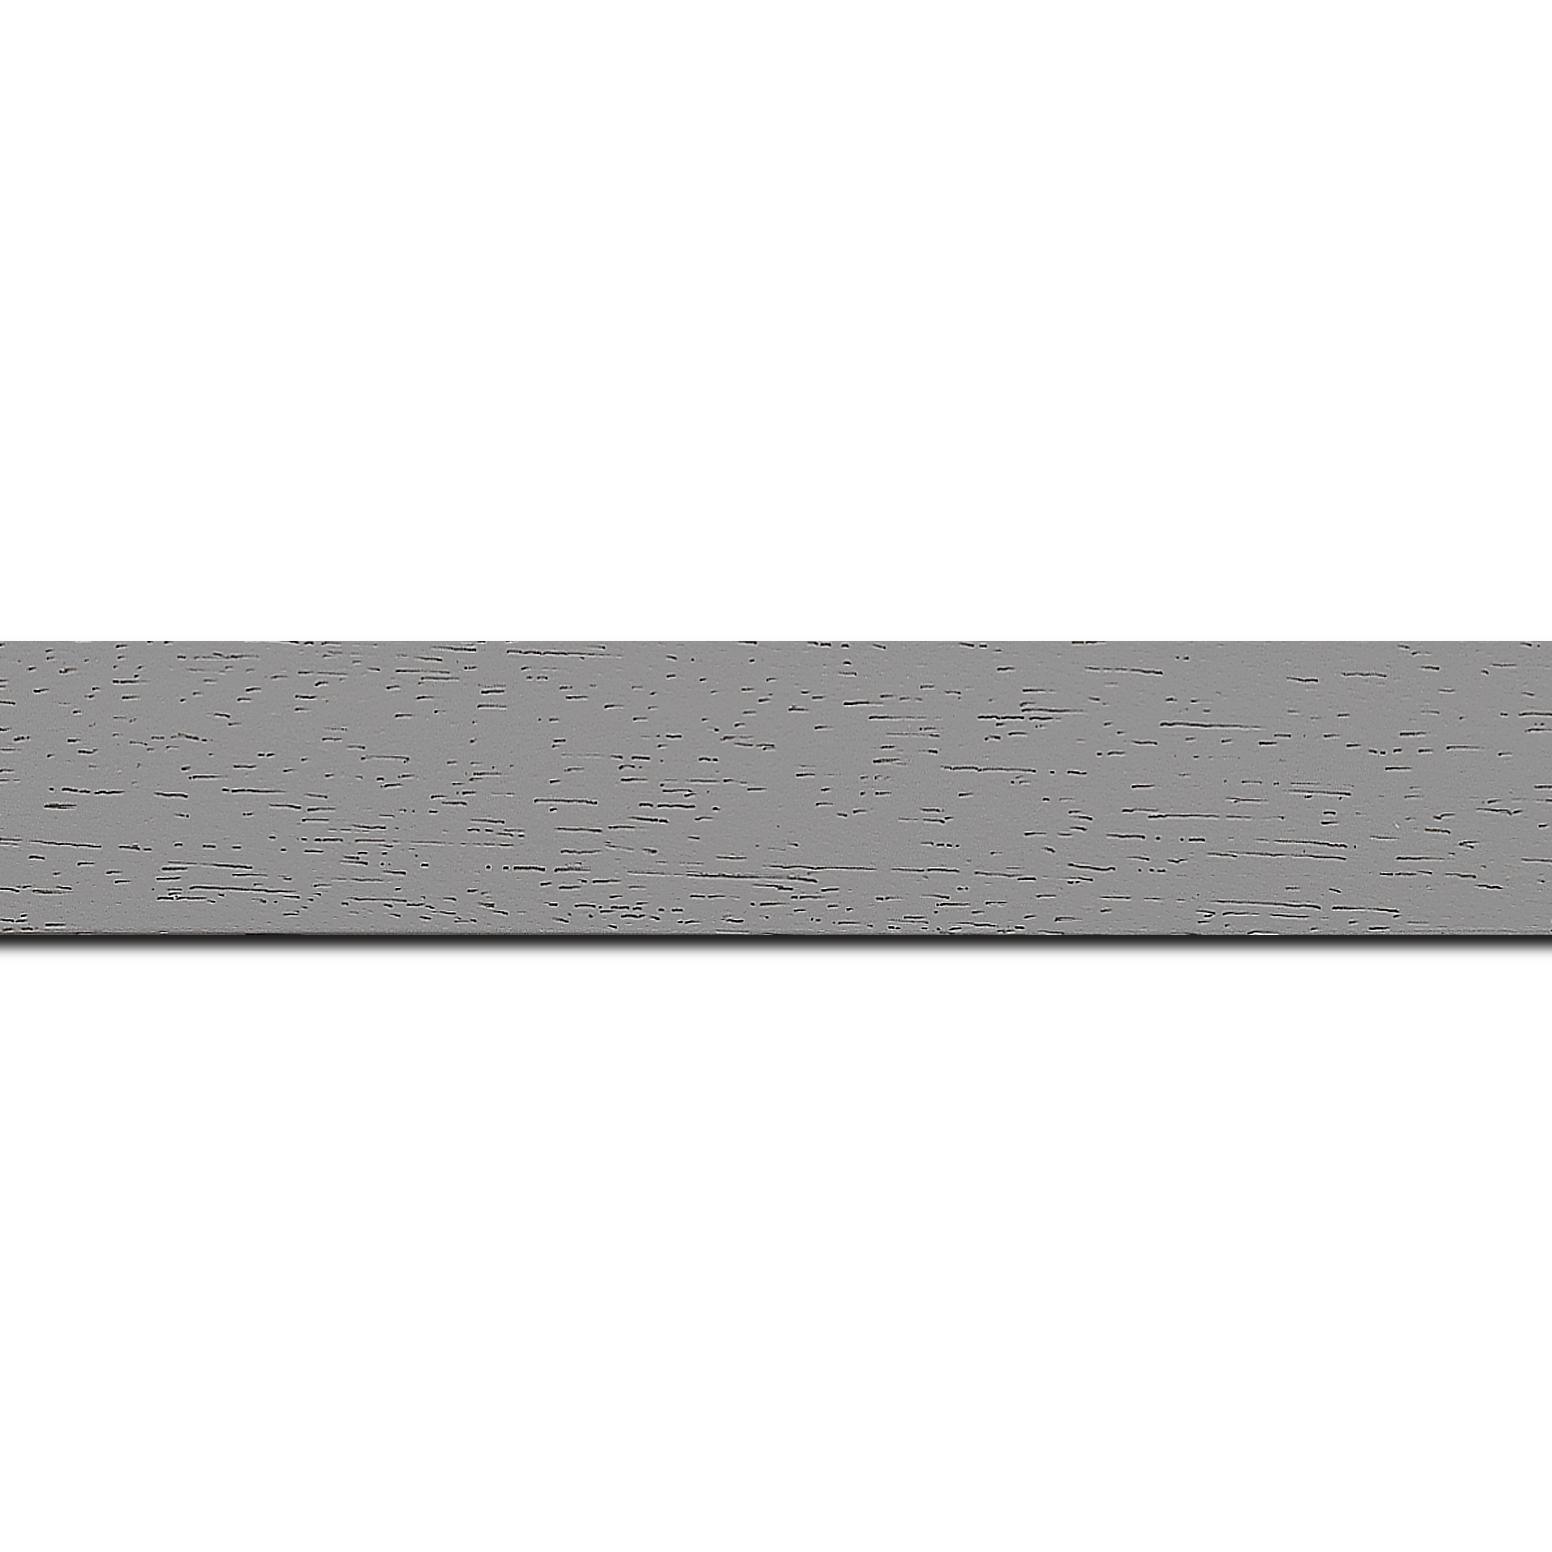 Pack par 12m, bois profil plat largeur 3cm couleur gris clair satiné (longueur baguette pouvant varier entre 2.40m et 3m selon arrivage des bois)